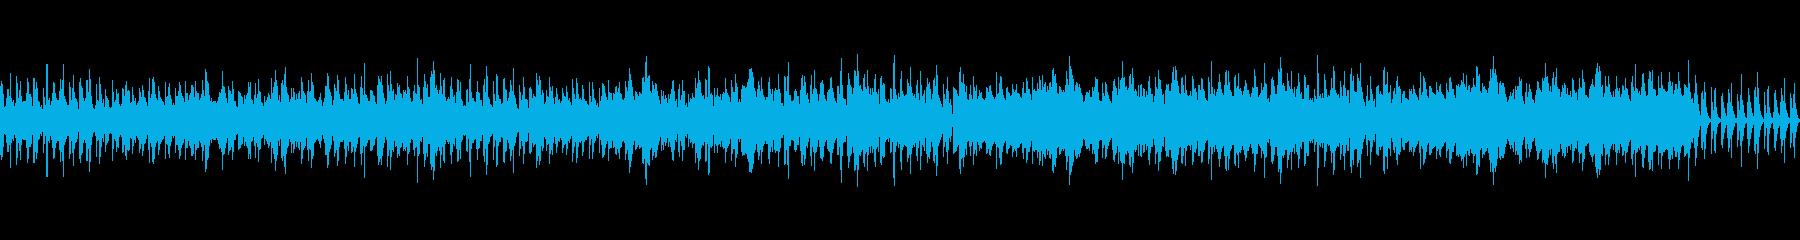 木洩れ日 木琴とフルートの爽やかなBGMの再生済みの波形